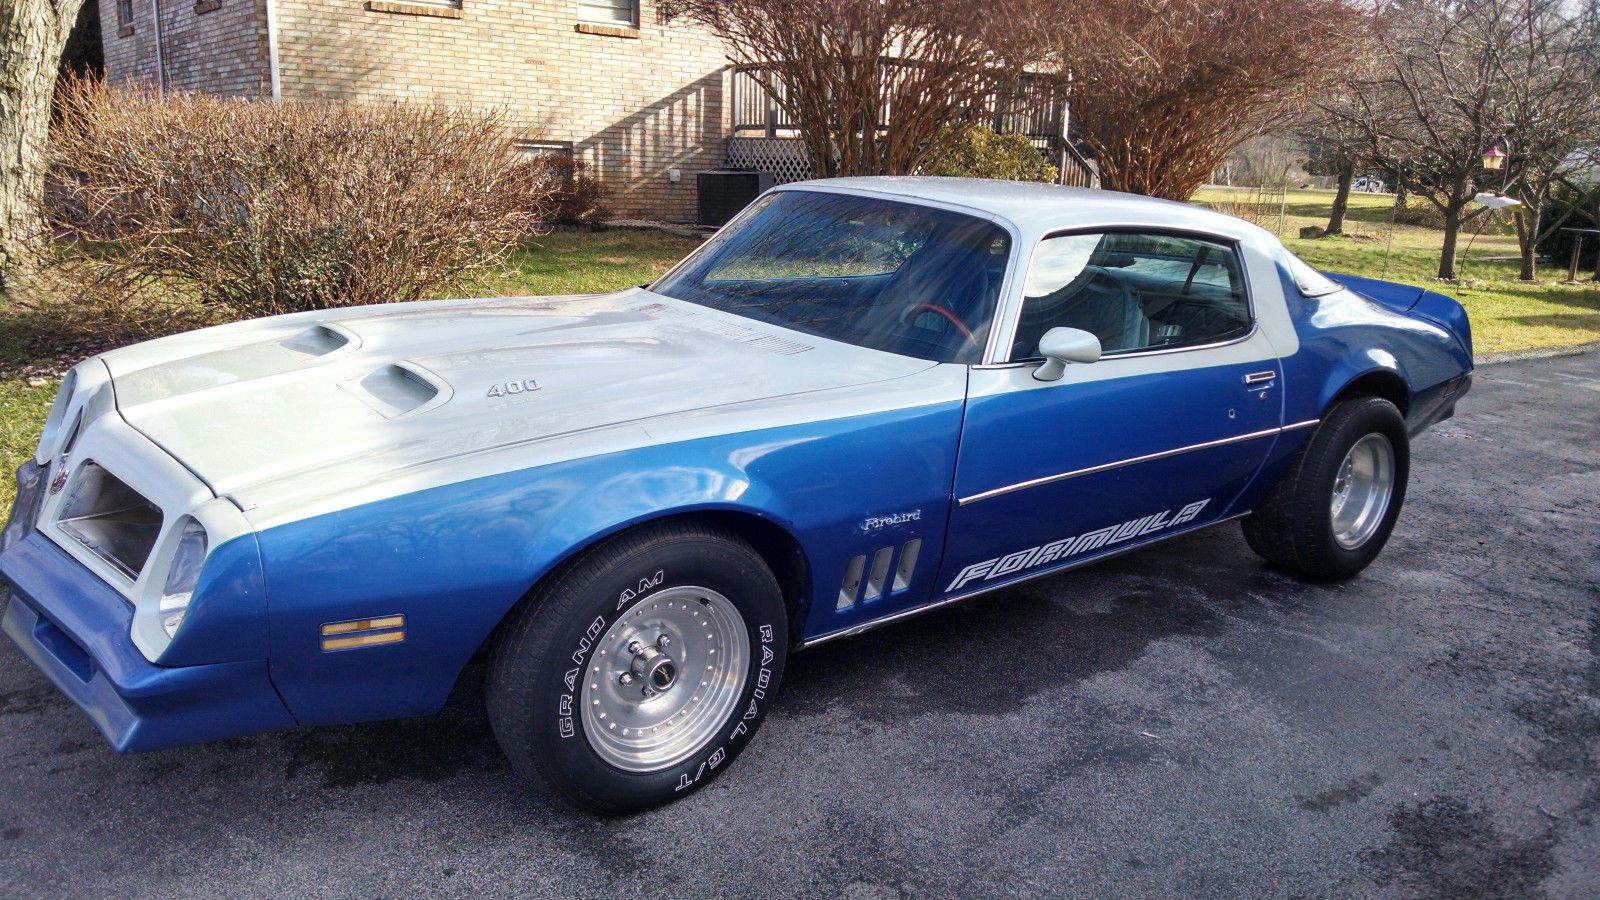 Blue Book Value For Used Cars 1976 Pontiac Grand Prix